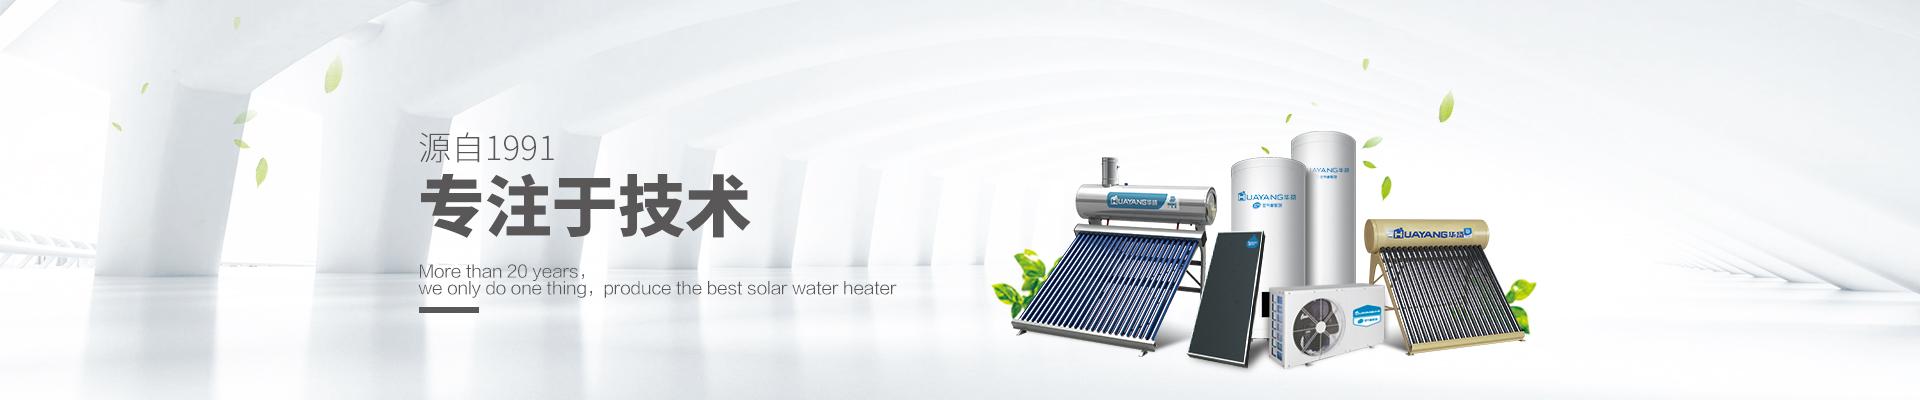 华扬太阳能